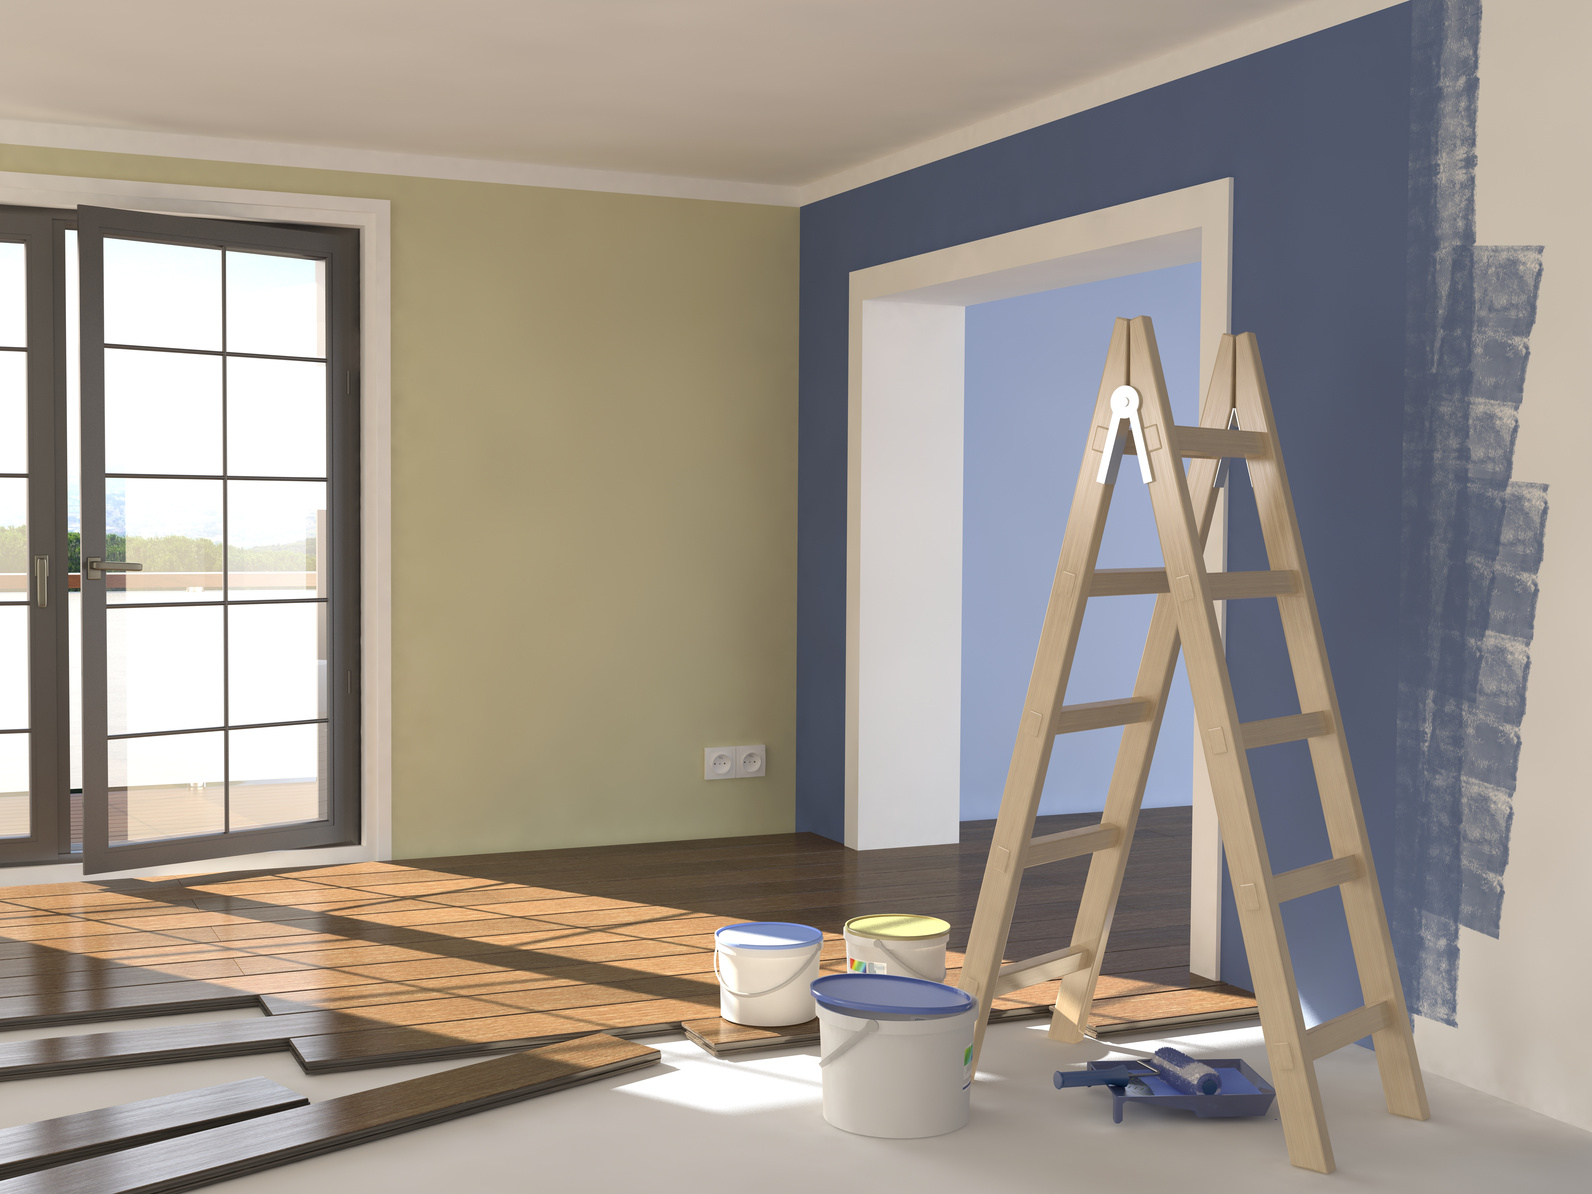 Réalisation de votre peinture d'intérieur